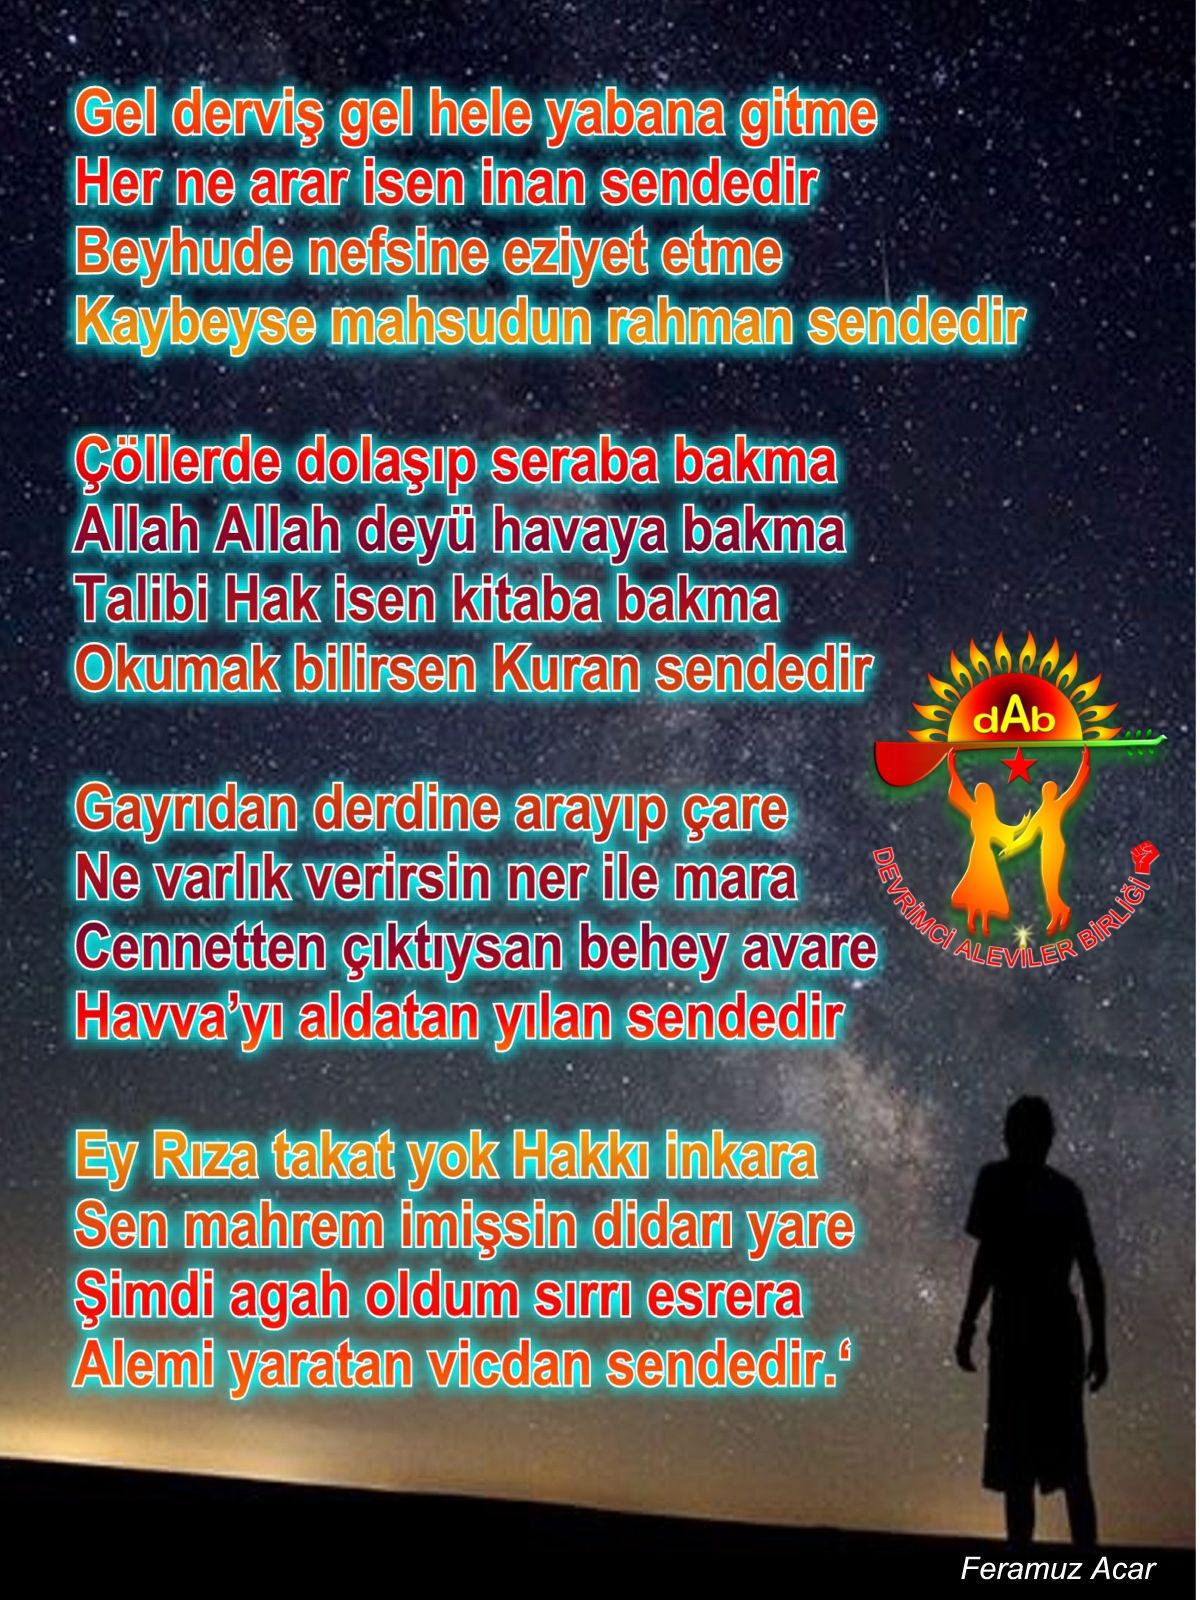 Alevi Bektaşi Kızılbaş Pir Sultan Devrimci Aleviler Birliği DAB sendedir